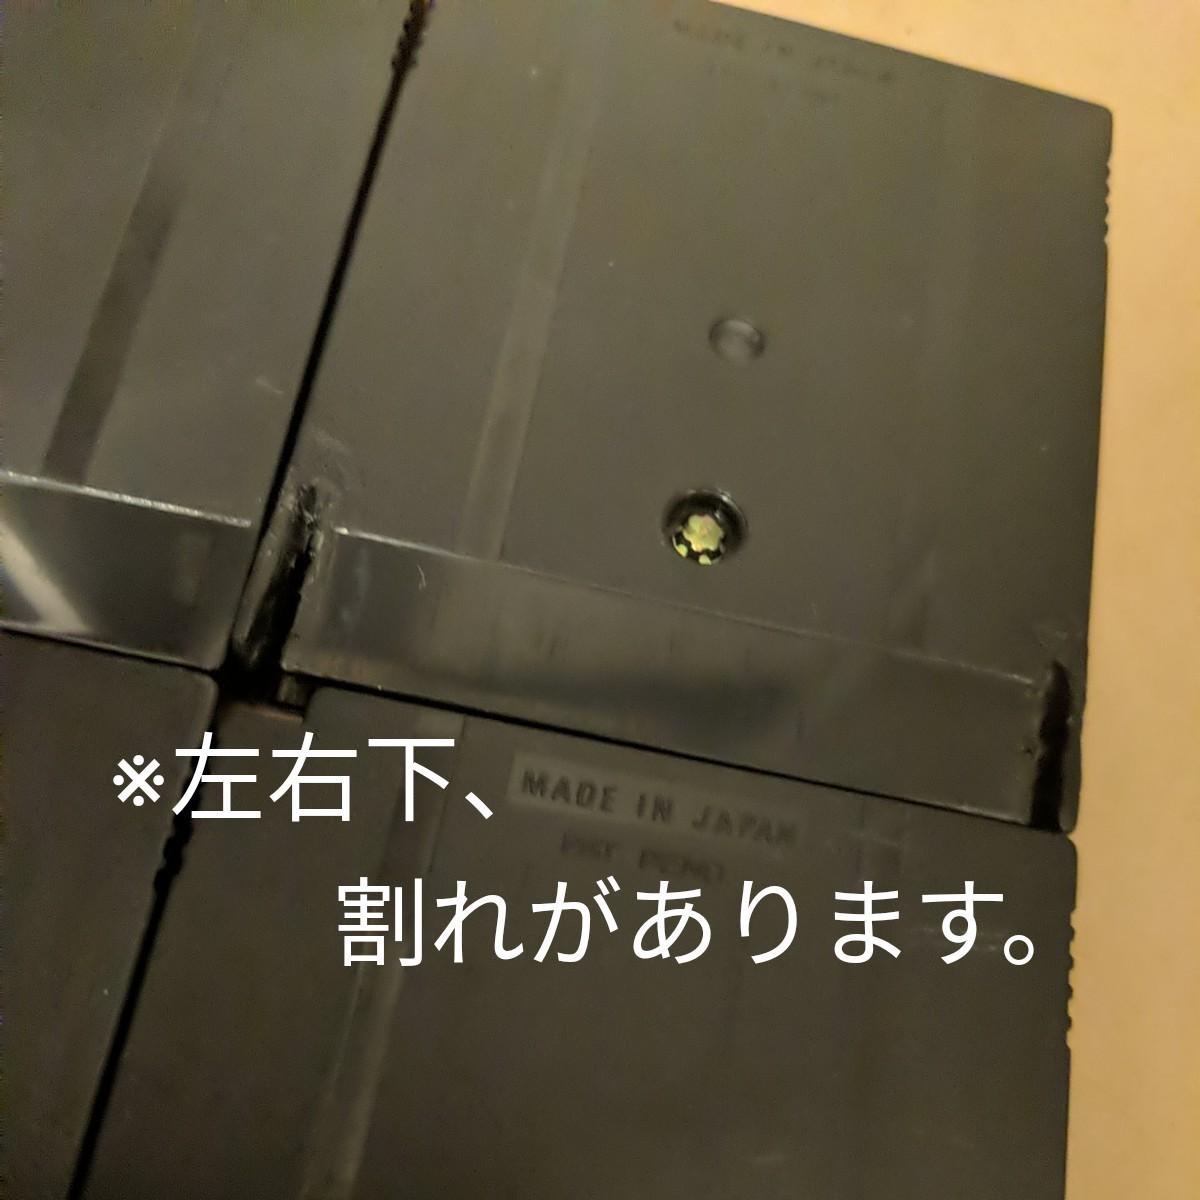 ☆ゲームボーイ ソフト「4本セット」